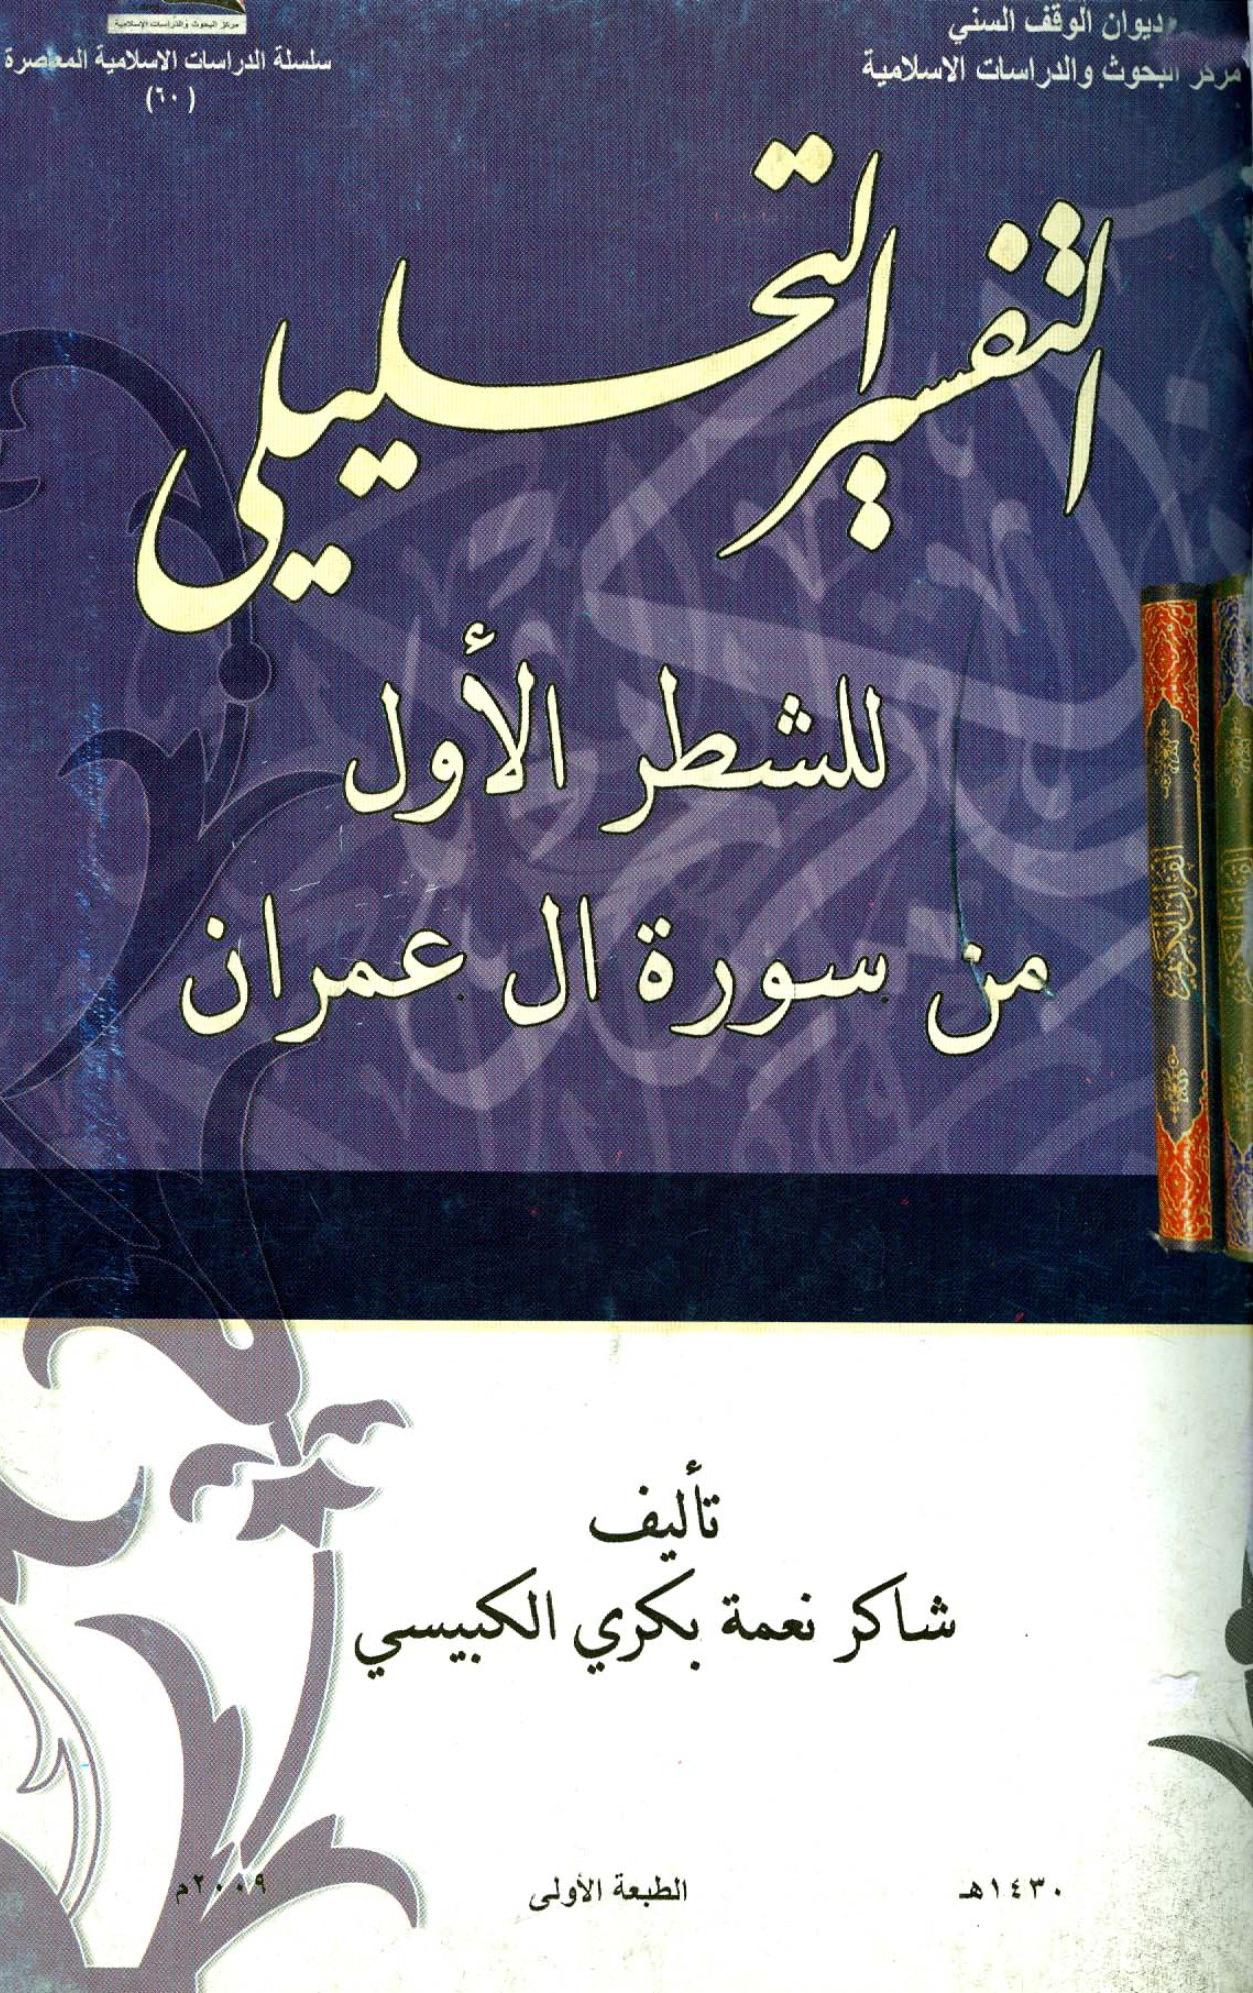 تحميل كتاب التفسير التحليلي للشطر الأول من سورة آل عمران لـِ: شاكر نعمة بكري الكبيسي